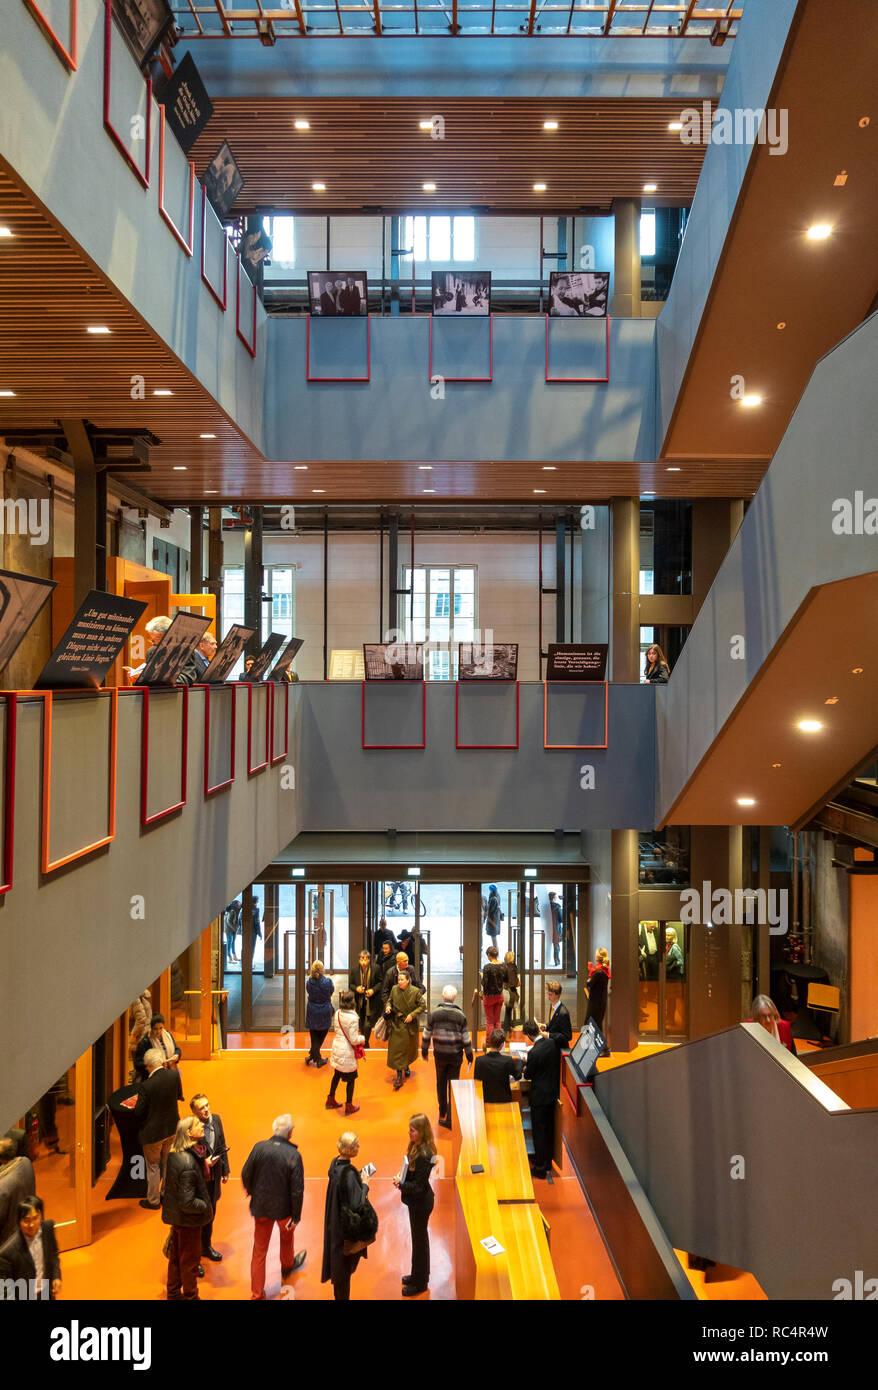 Hall d'entrée et de la Pierre Boulez Saal dans la Barenboim-Said Akademie, Barenboim a déclaré l'Académie Berlin Allemagne. Design by HG Merz. Photo Stock